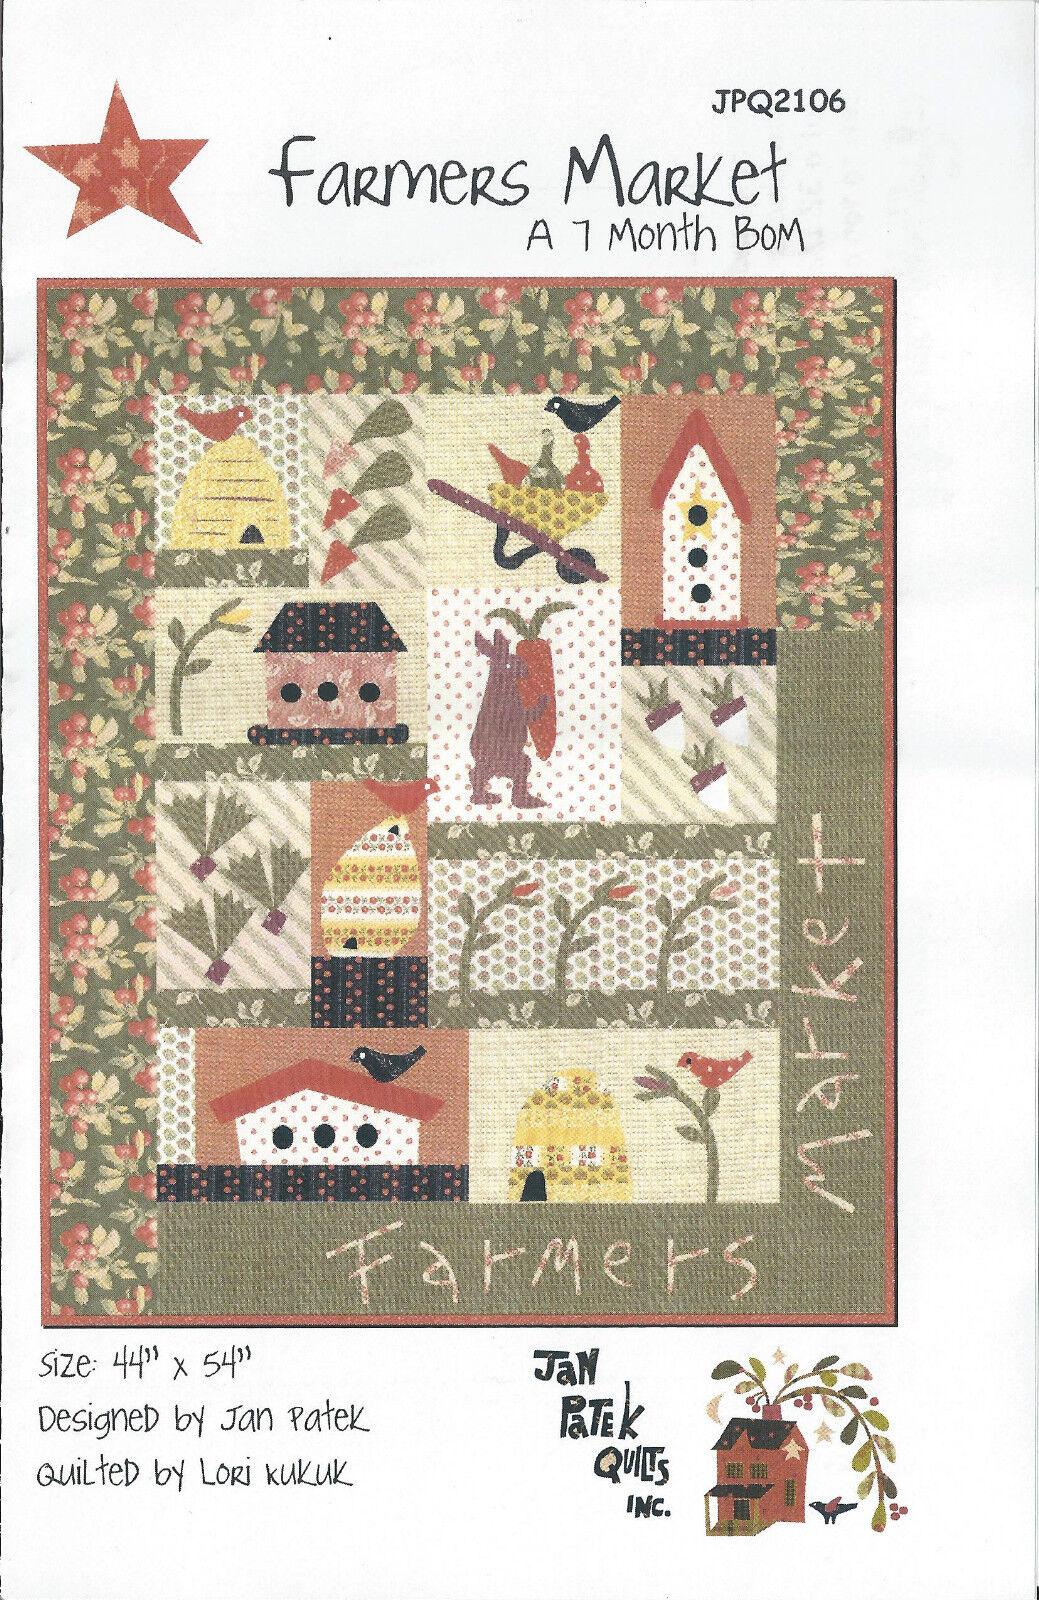 Quilt Applique Pattern Jan Patek Farmers Market 7 Month Bom 44 X 54